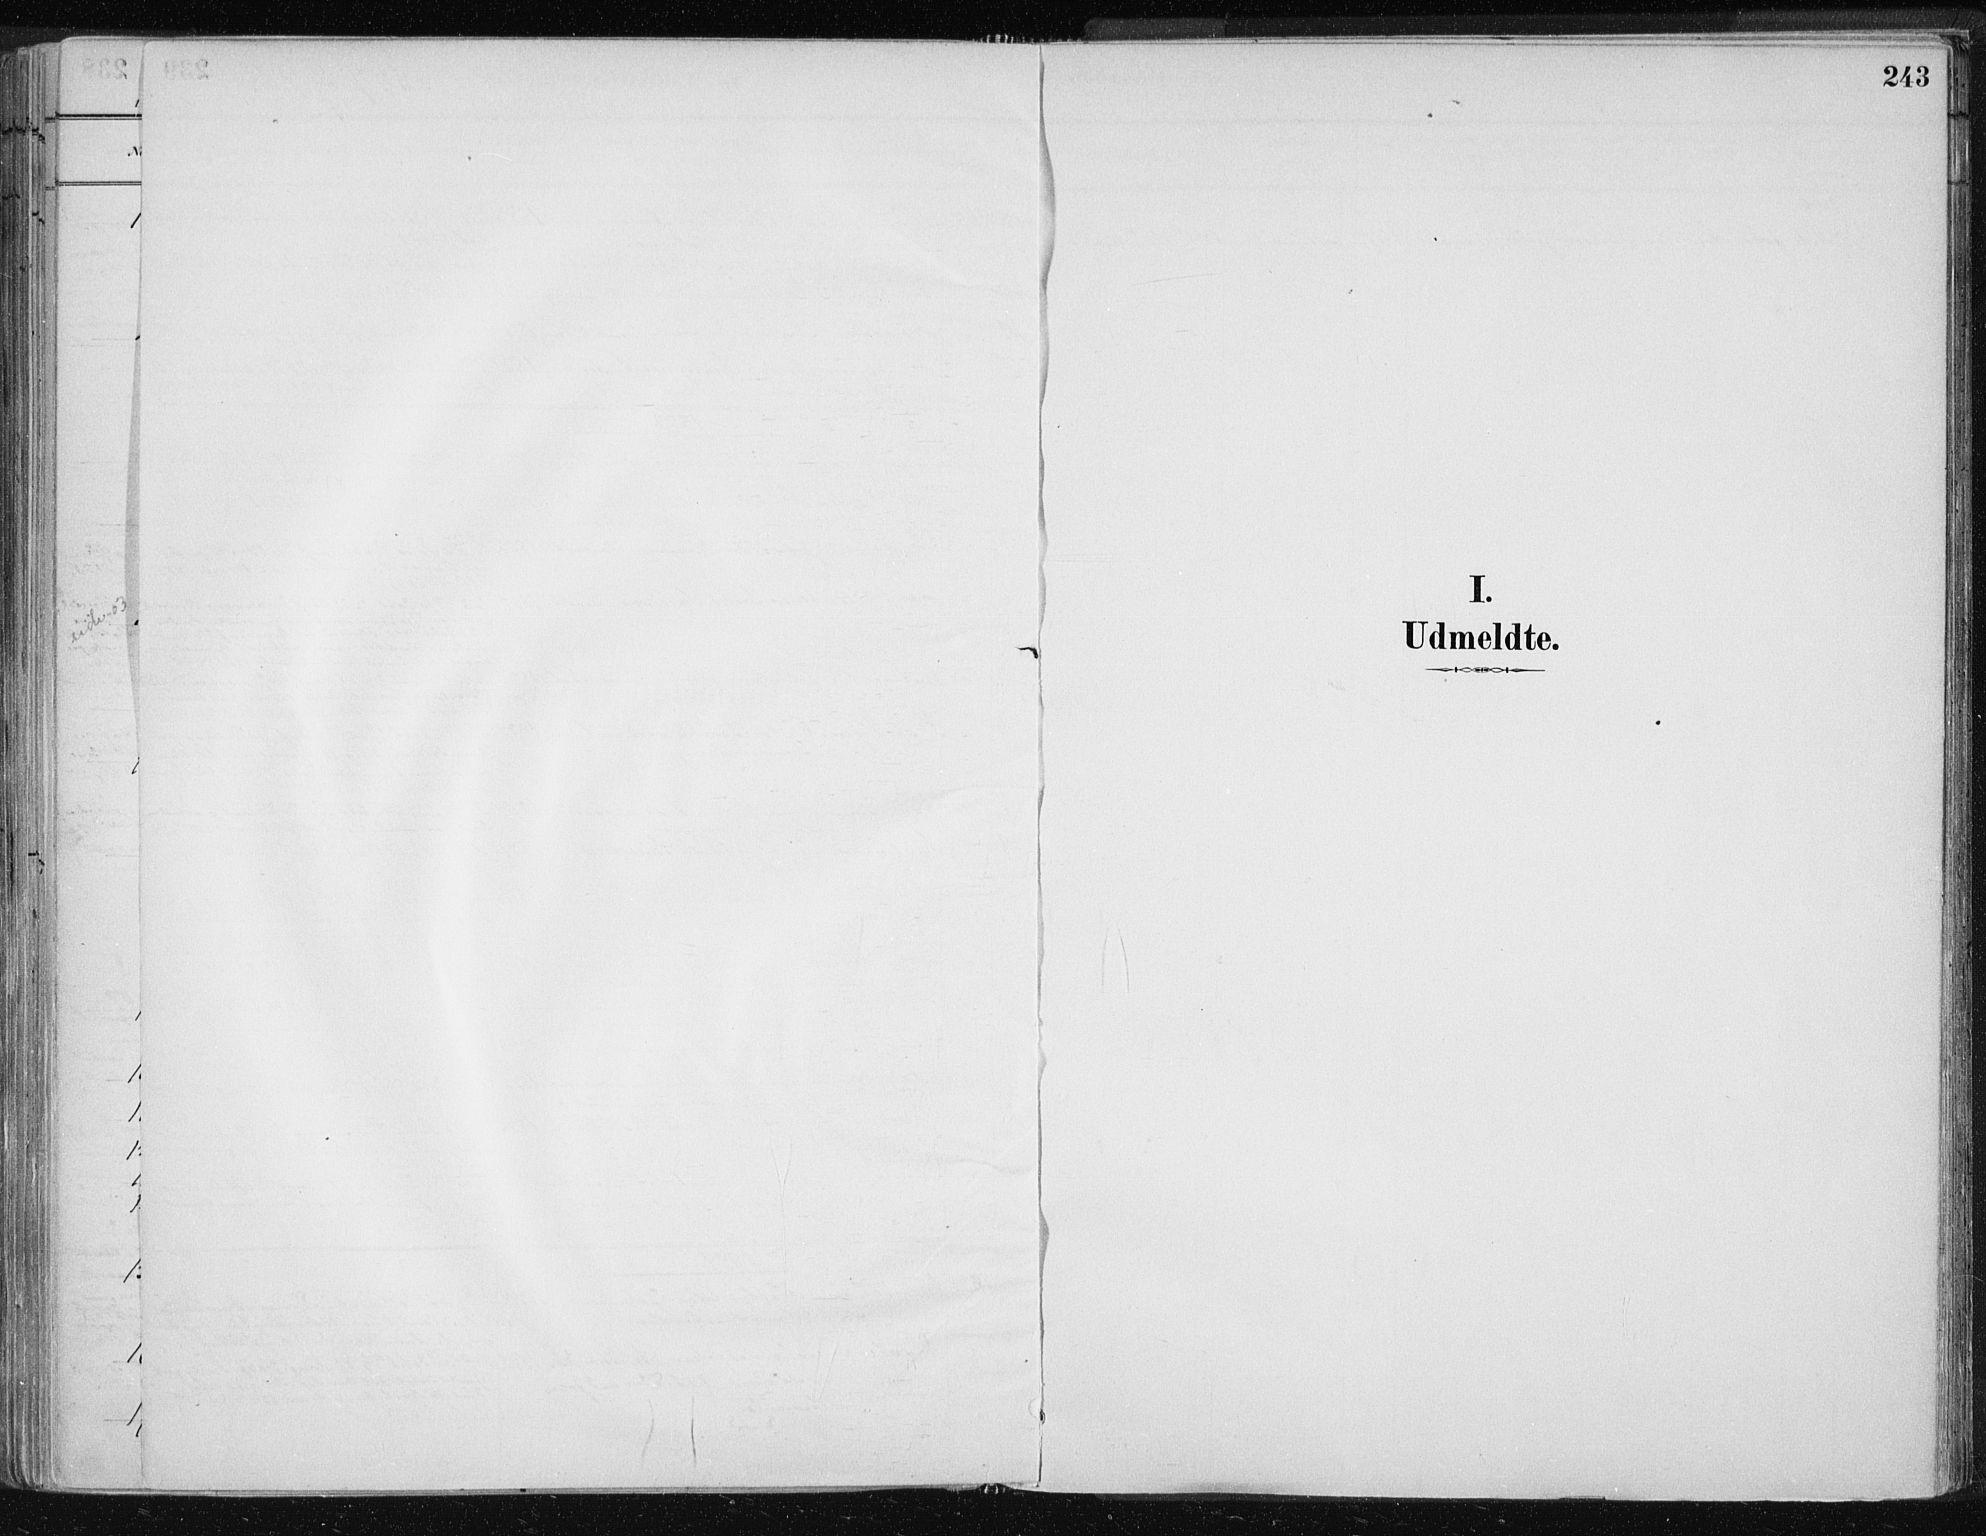 SAT, Ministerialprotokoller, klokkerbøker og fødselsregistre - Nord-Trøndelag, 701/L0010: Parish register (official) no. 701A10, 1883-1899, p. 243